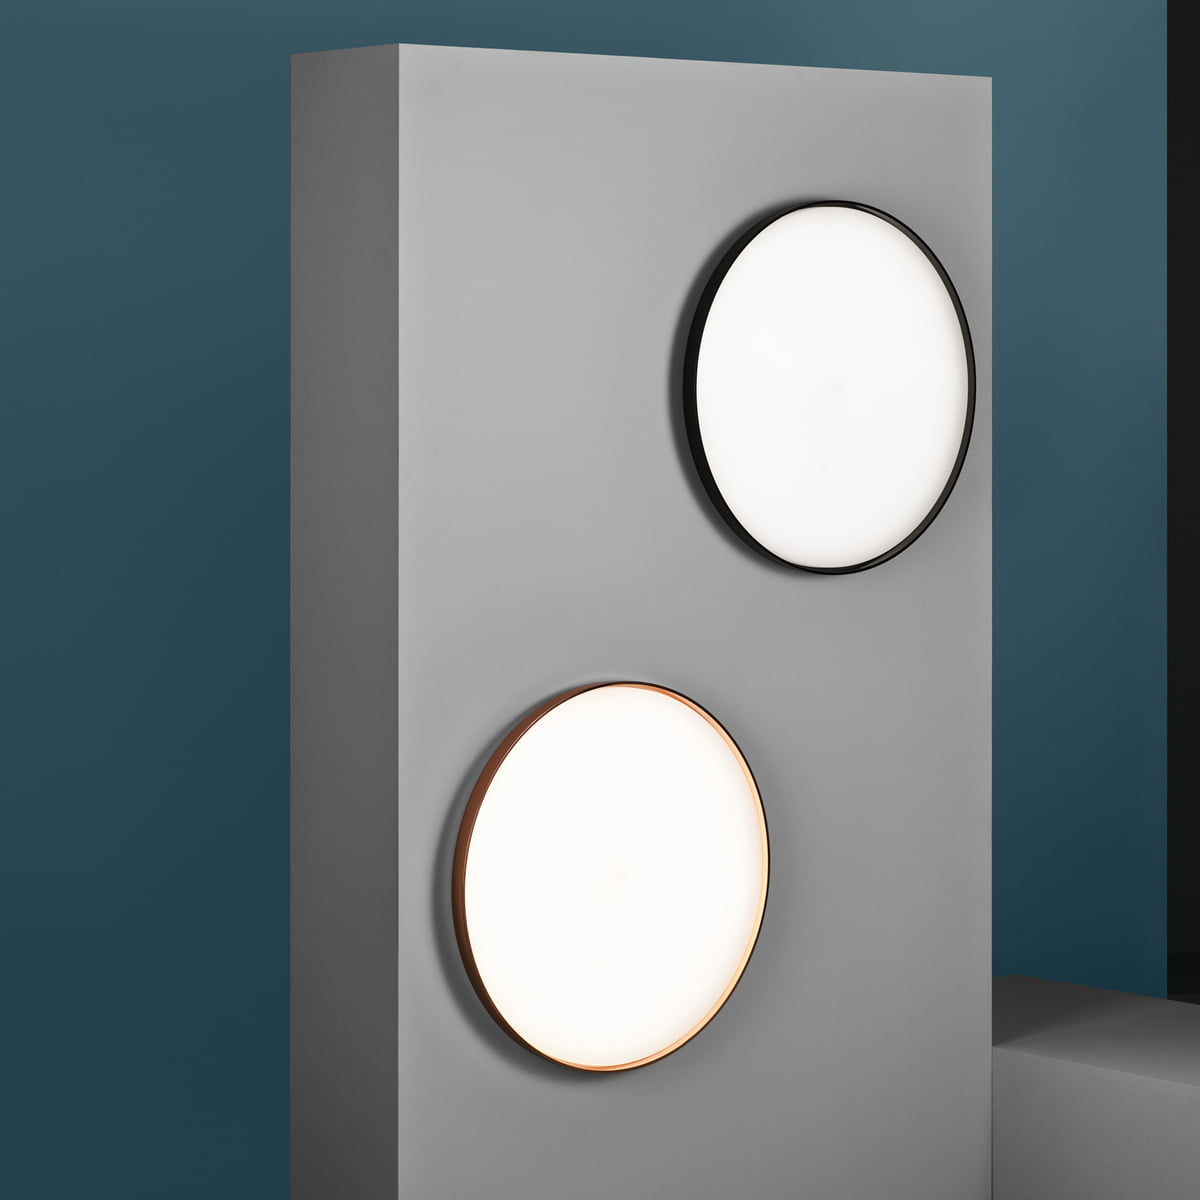 Clara væg- og loftslampe i interiørshoppen